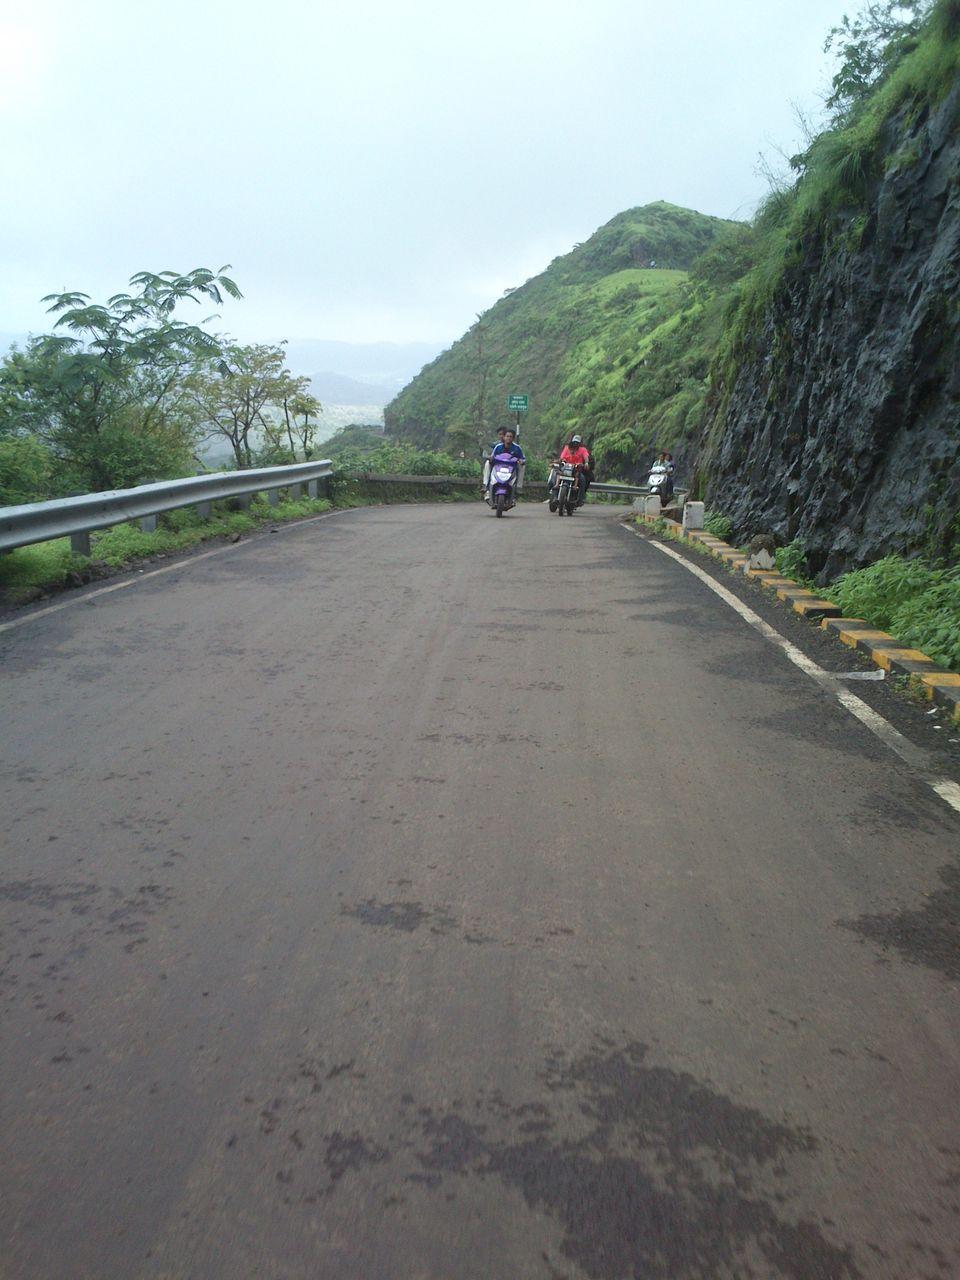 Photo of Sinhagad Fort, Thoptewadi, Maharashtra, India by theuncanny_traveller